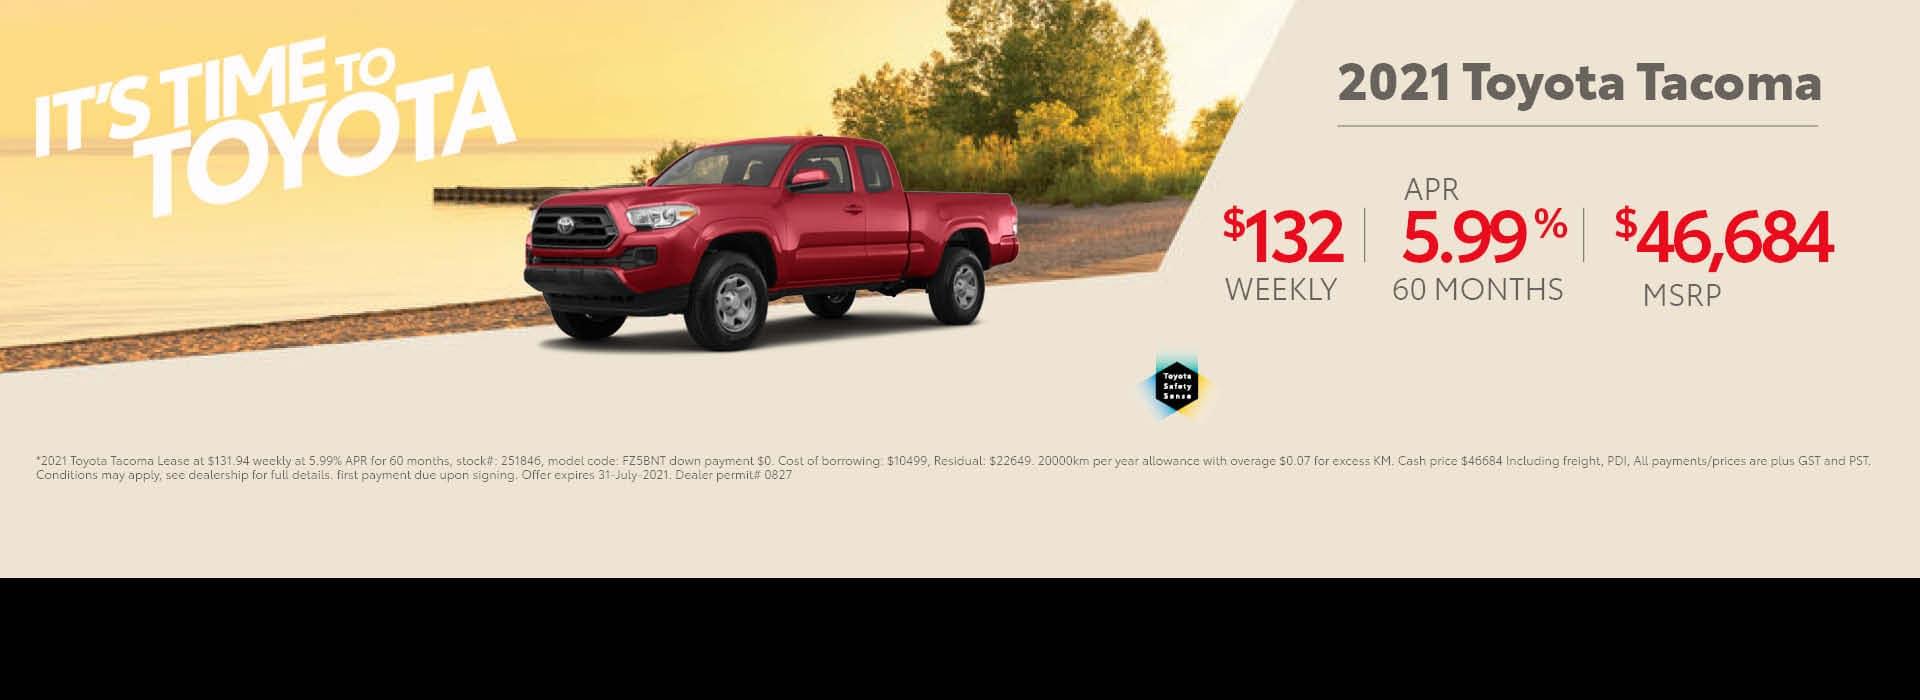 2021_Toyota_Tacoma_Desktop_July2021_V1